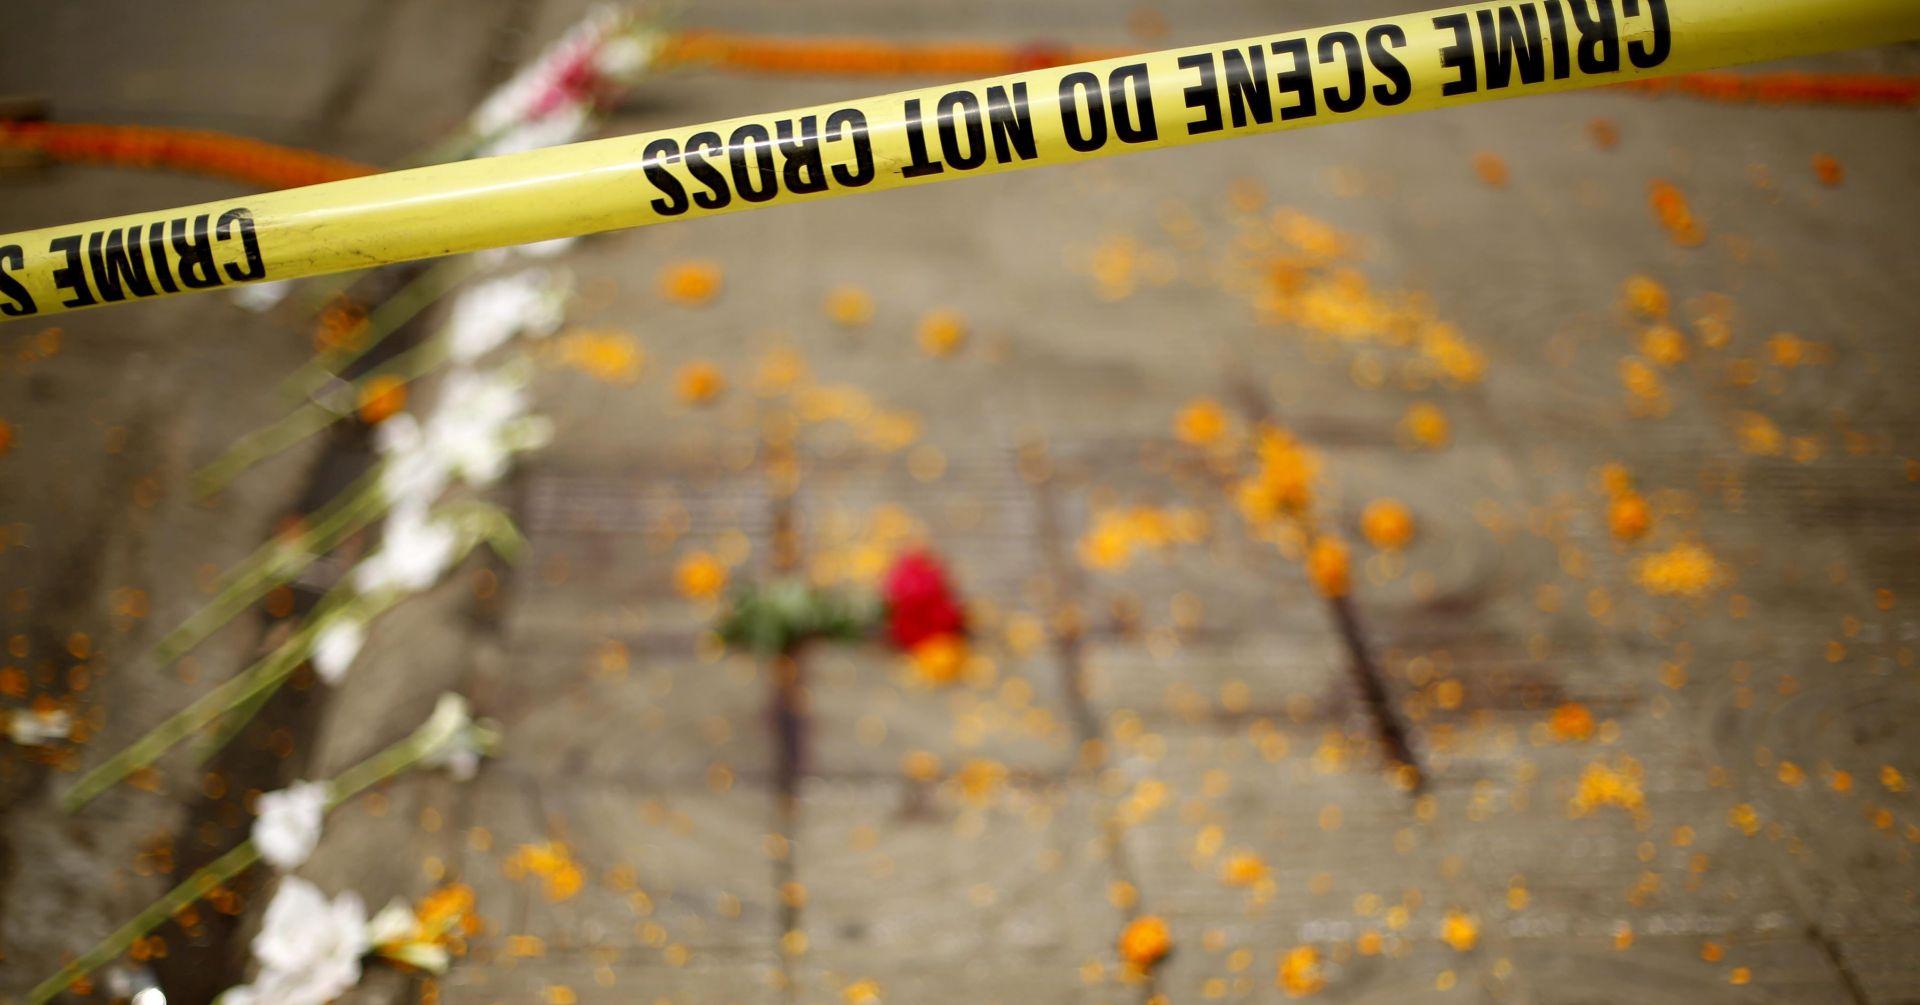 TERORISTIČKI NAPAD U BANGLADEŠU Ubijeno 6 napadača, poginula dva policajca